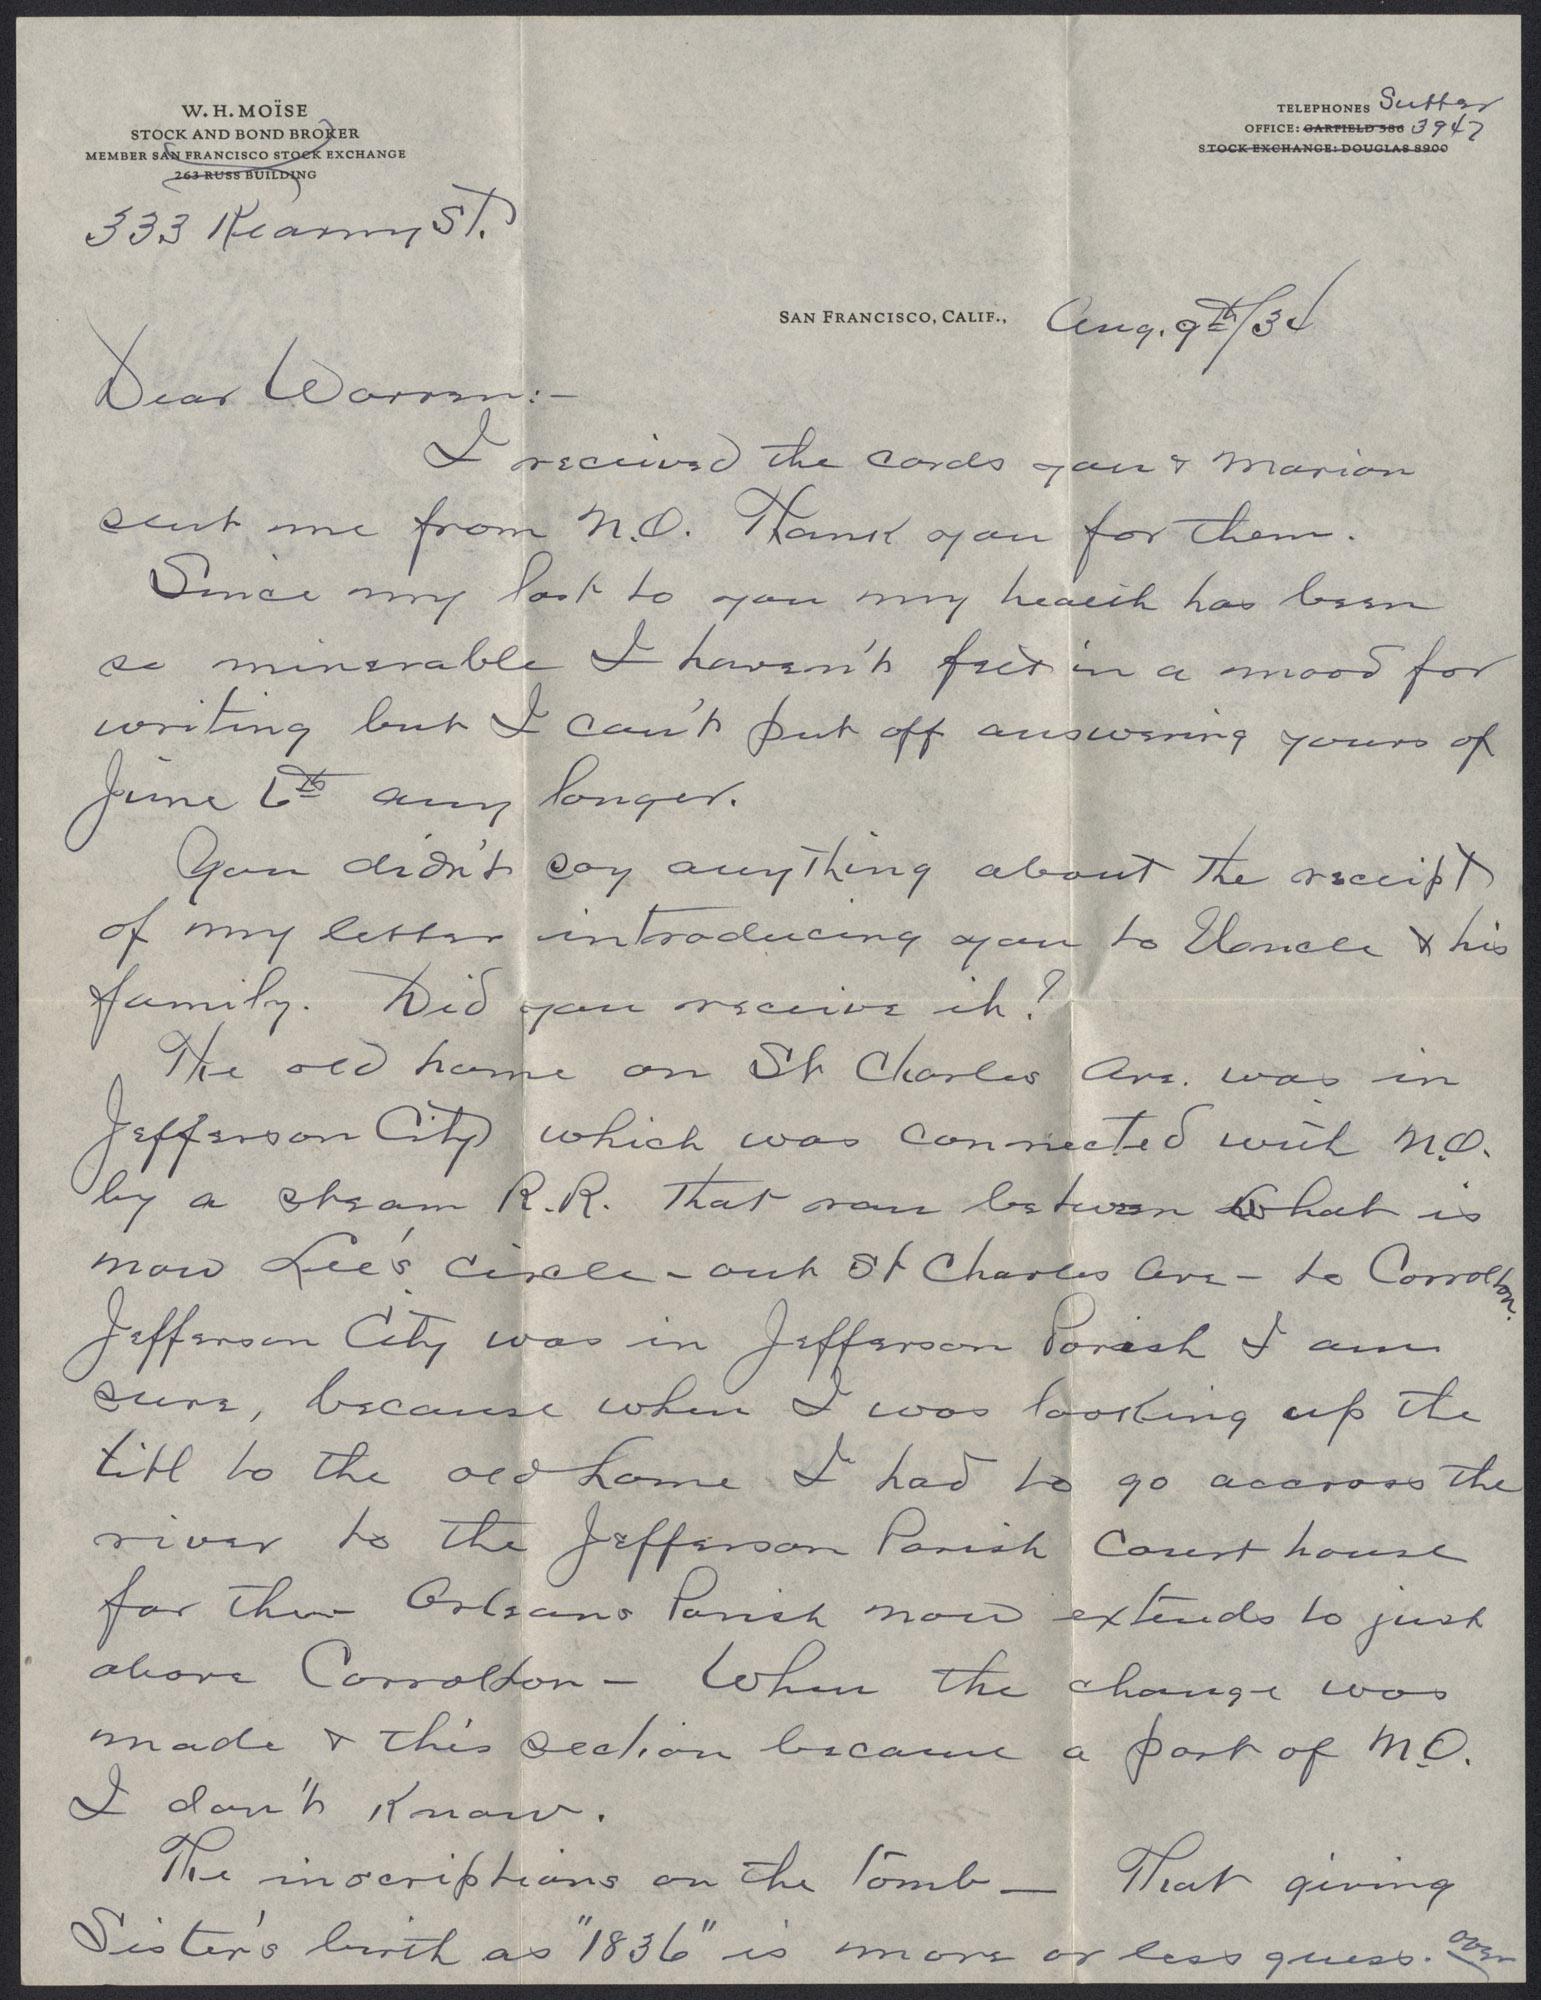 Letter from Warren Hubert Moise to Edwin Warren Moise, August 9, 1934